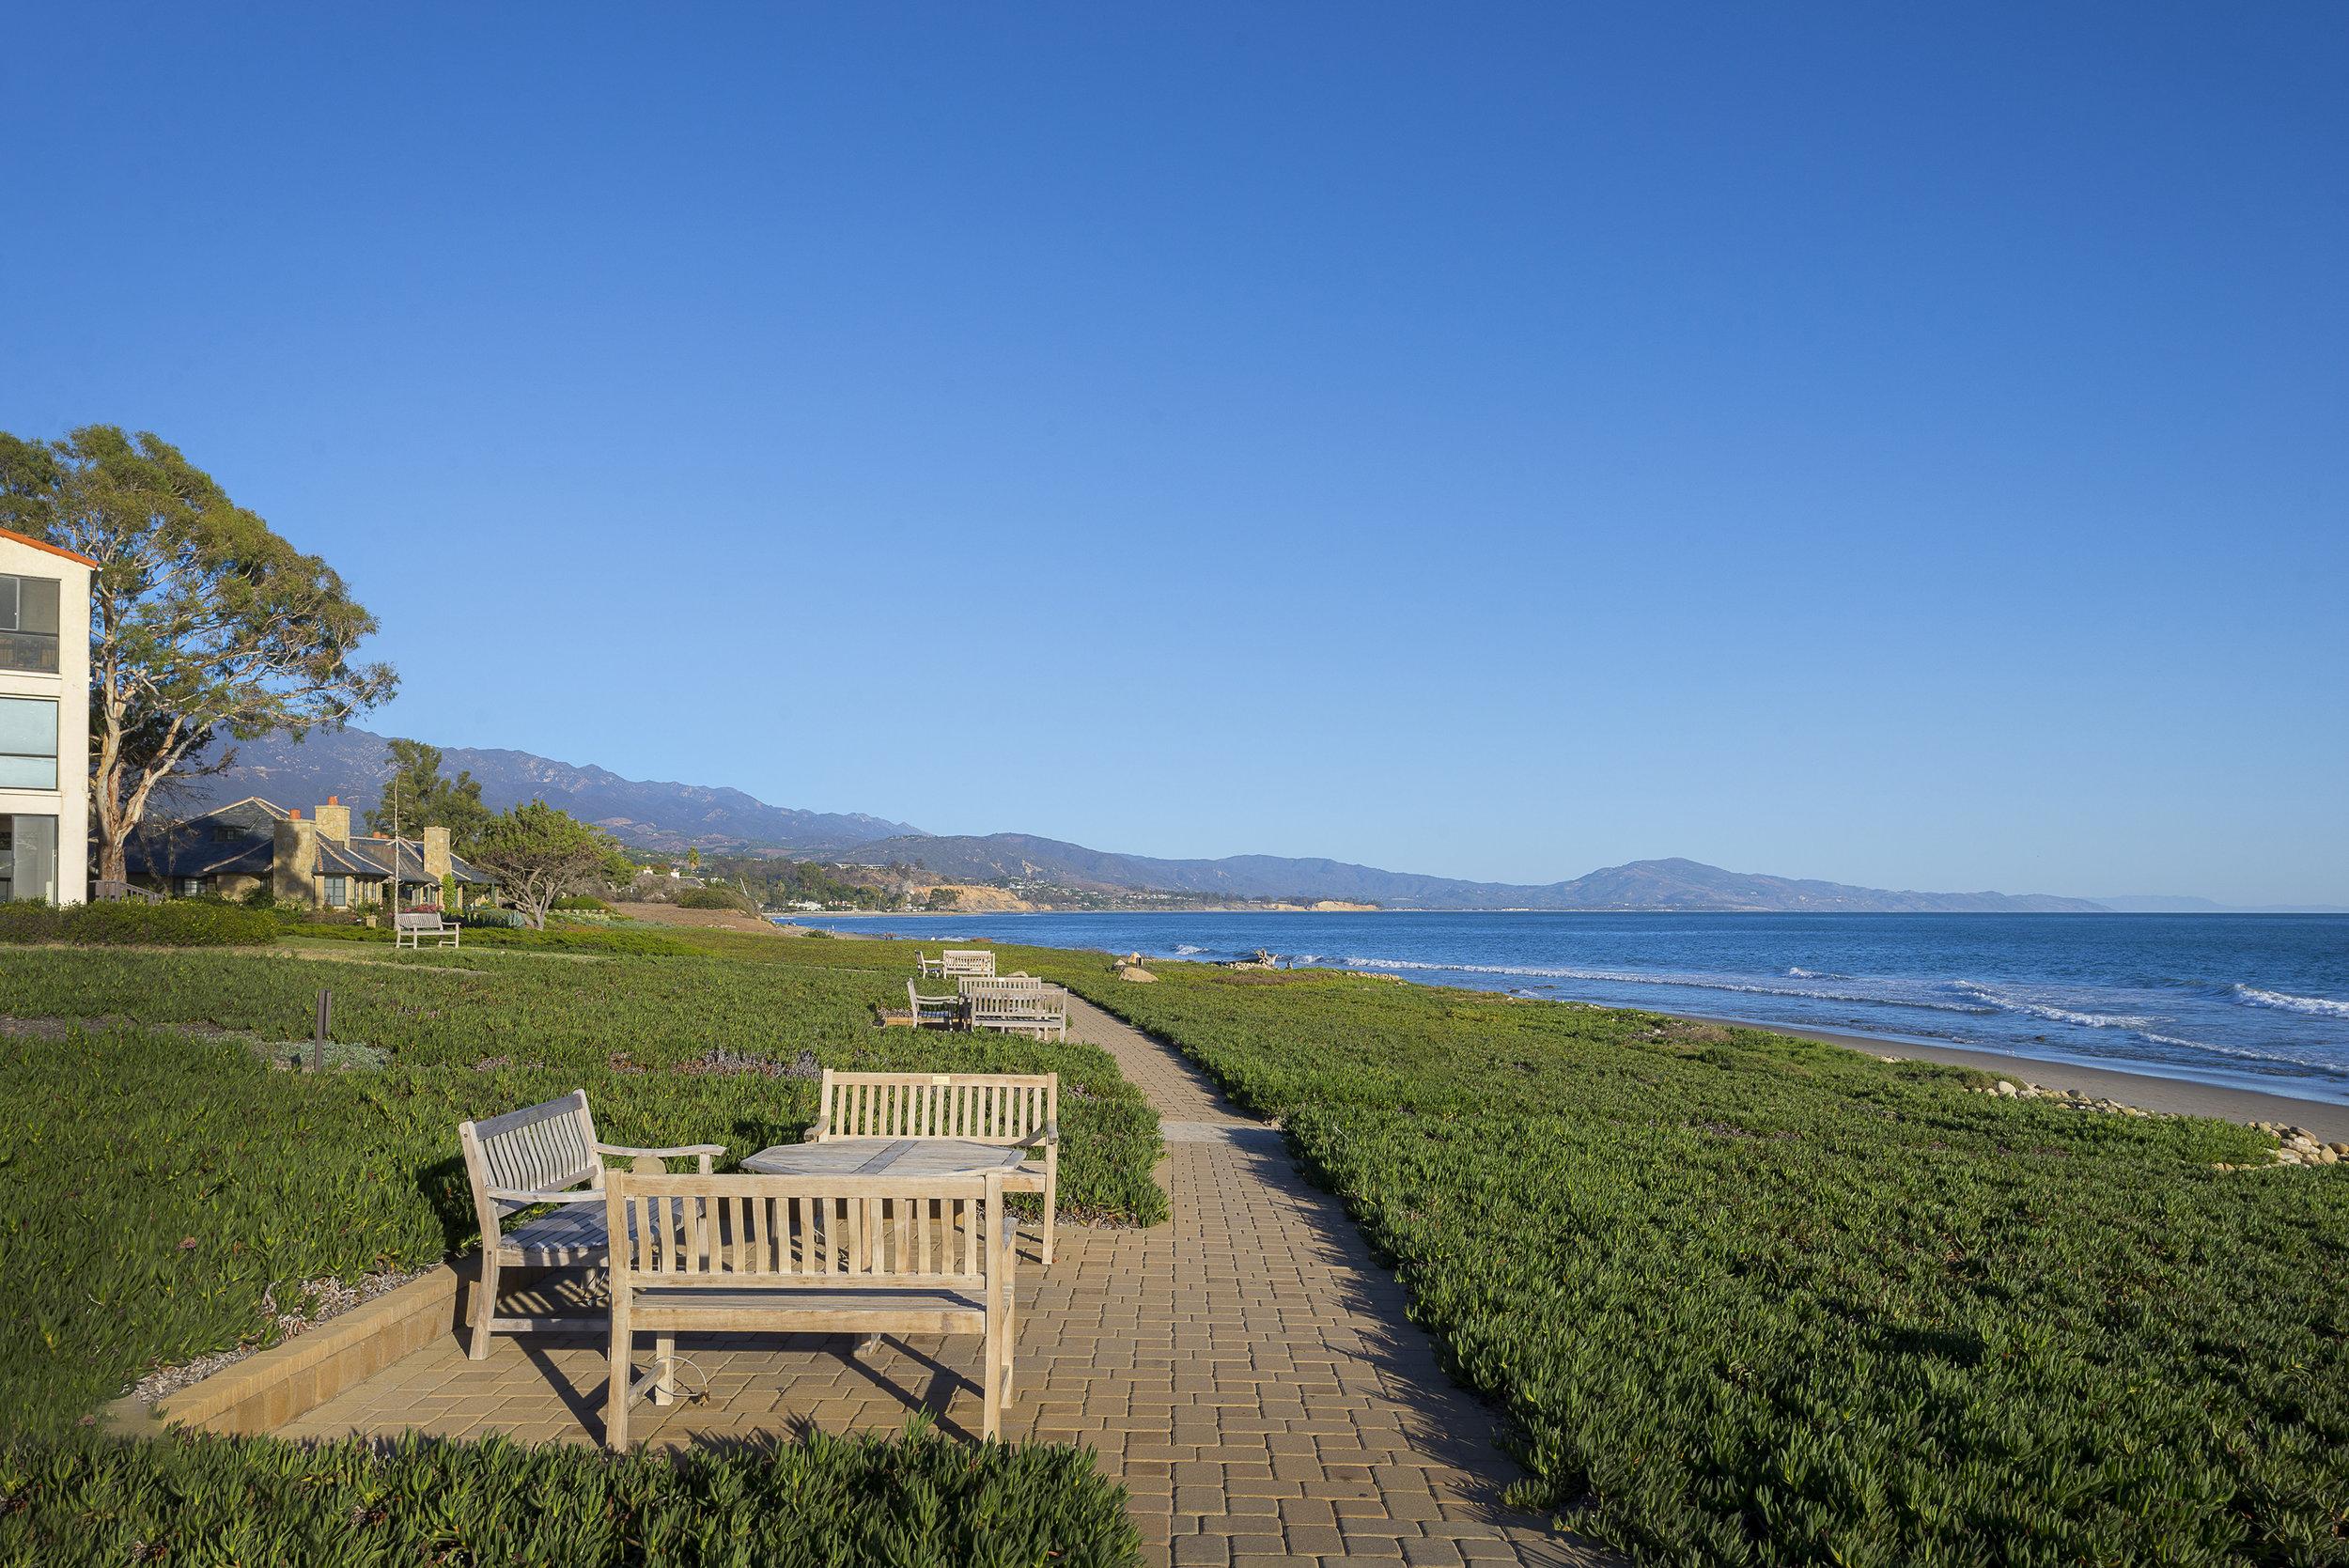 Copy of Seaview Montecito - $2,040,000